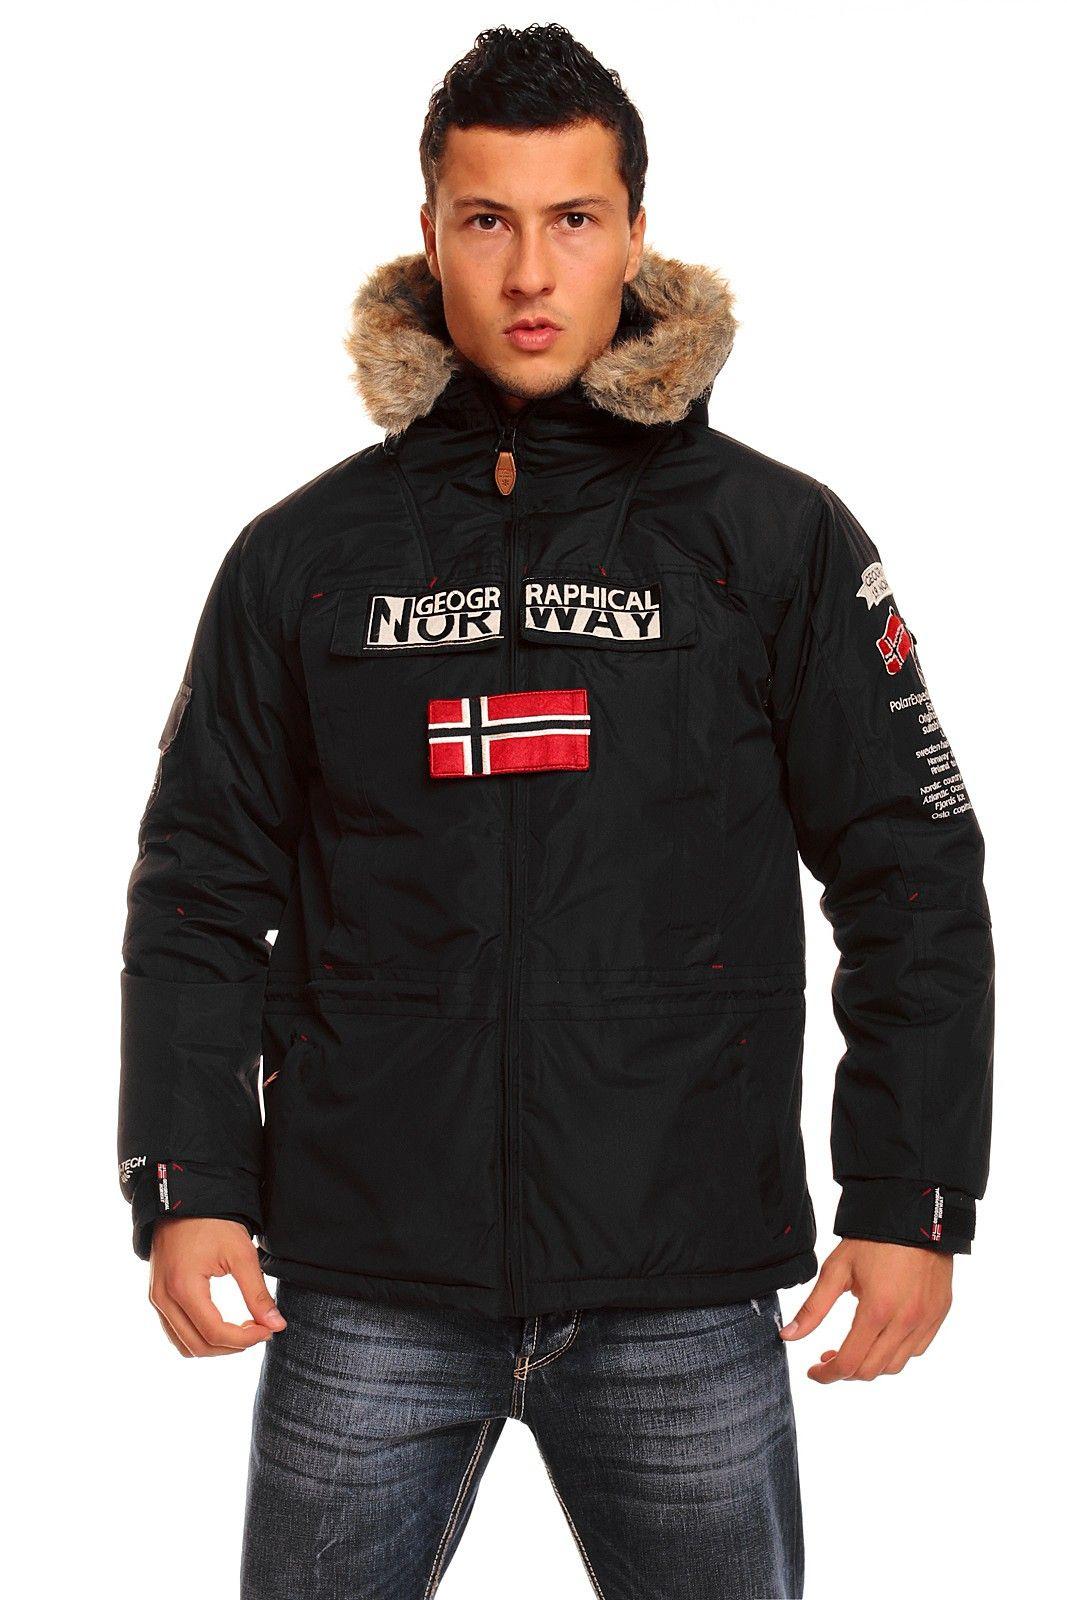 25100fb7 Kjøpe Vinterjakke? *Sjekk vårt store utvalg* | FINN.no